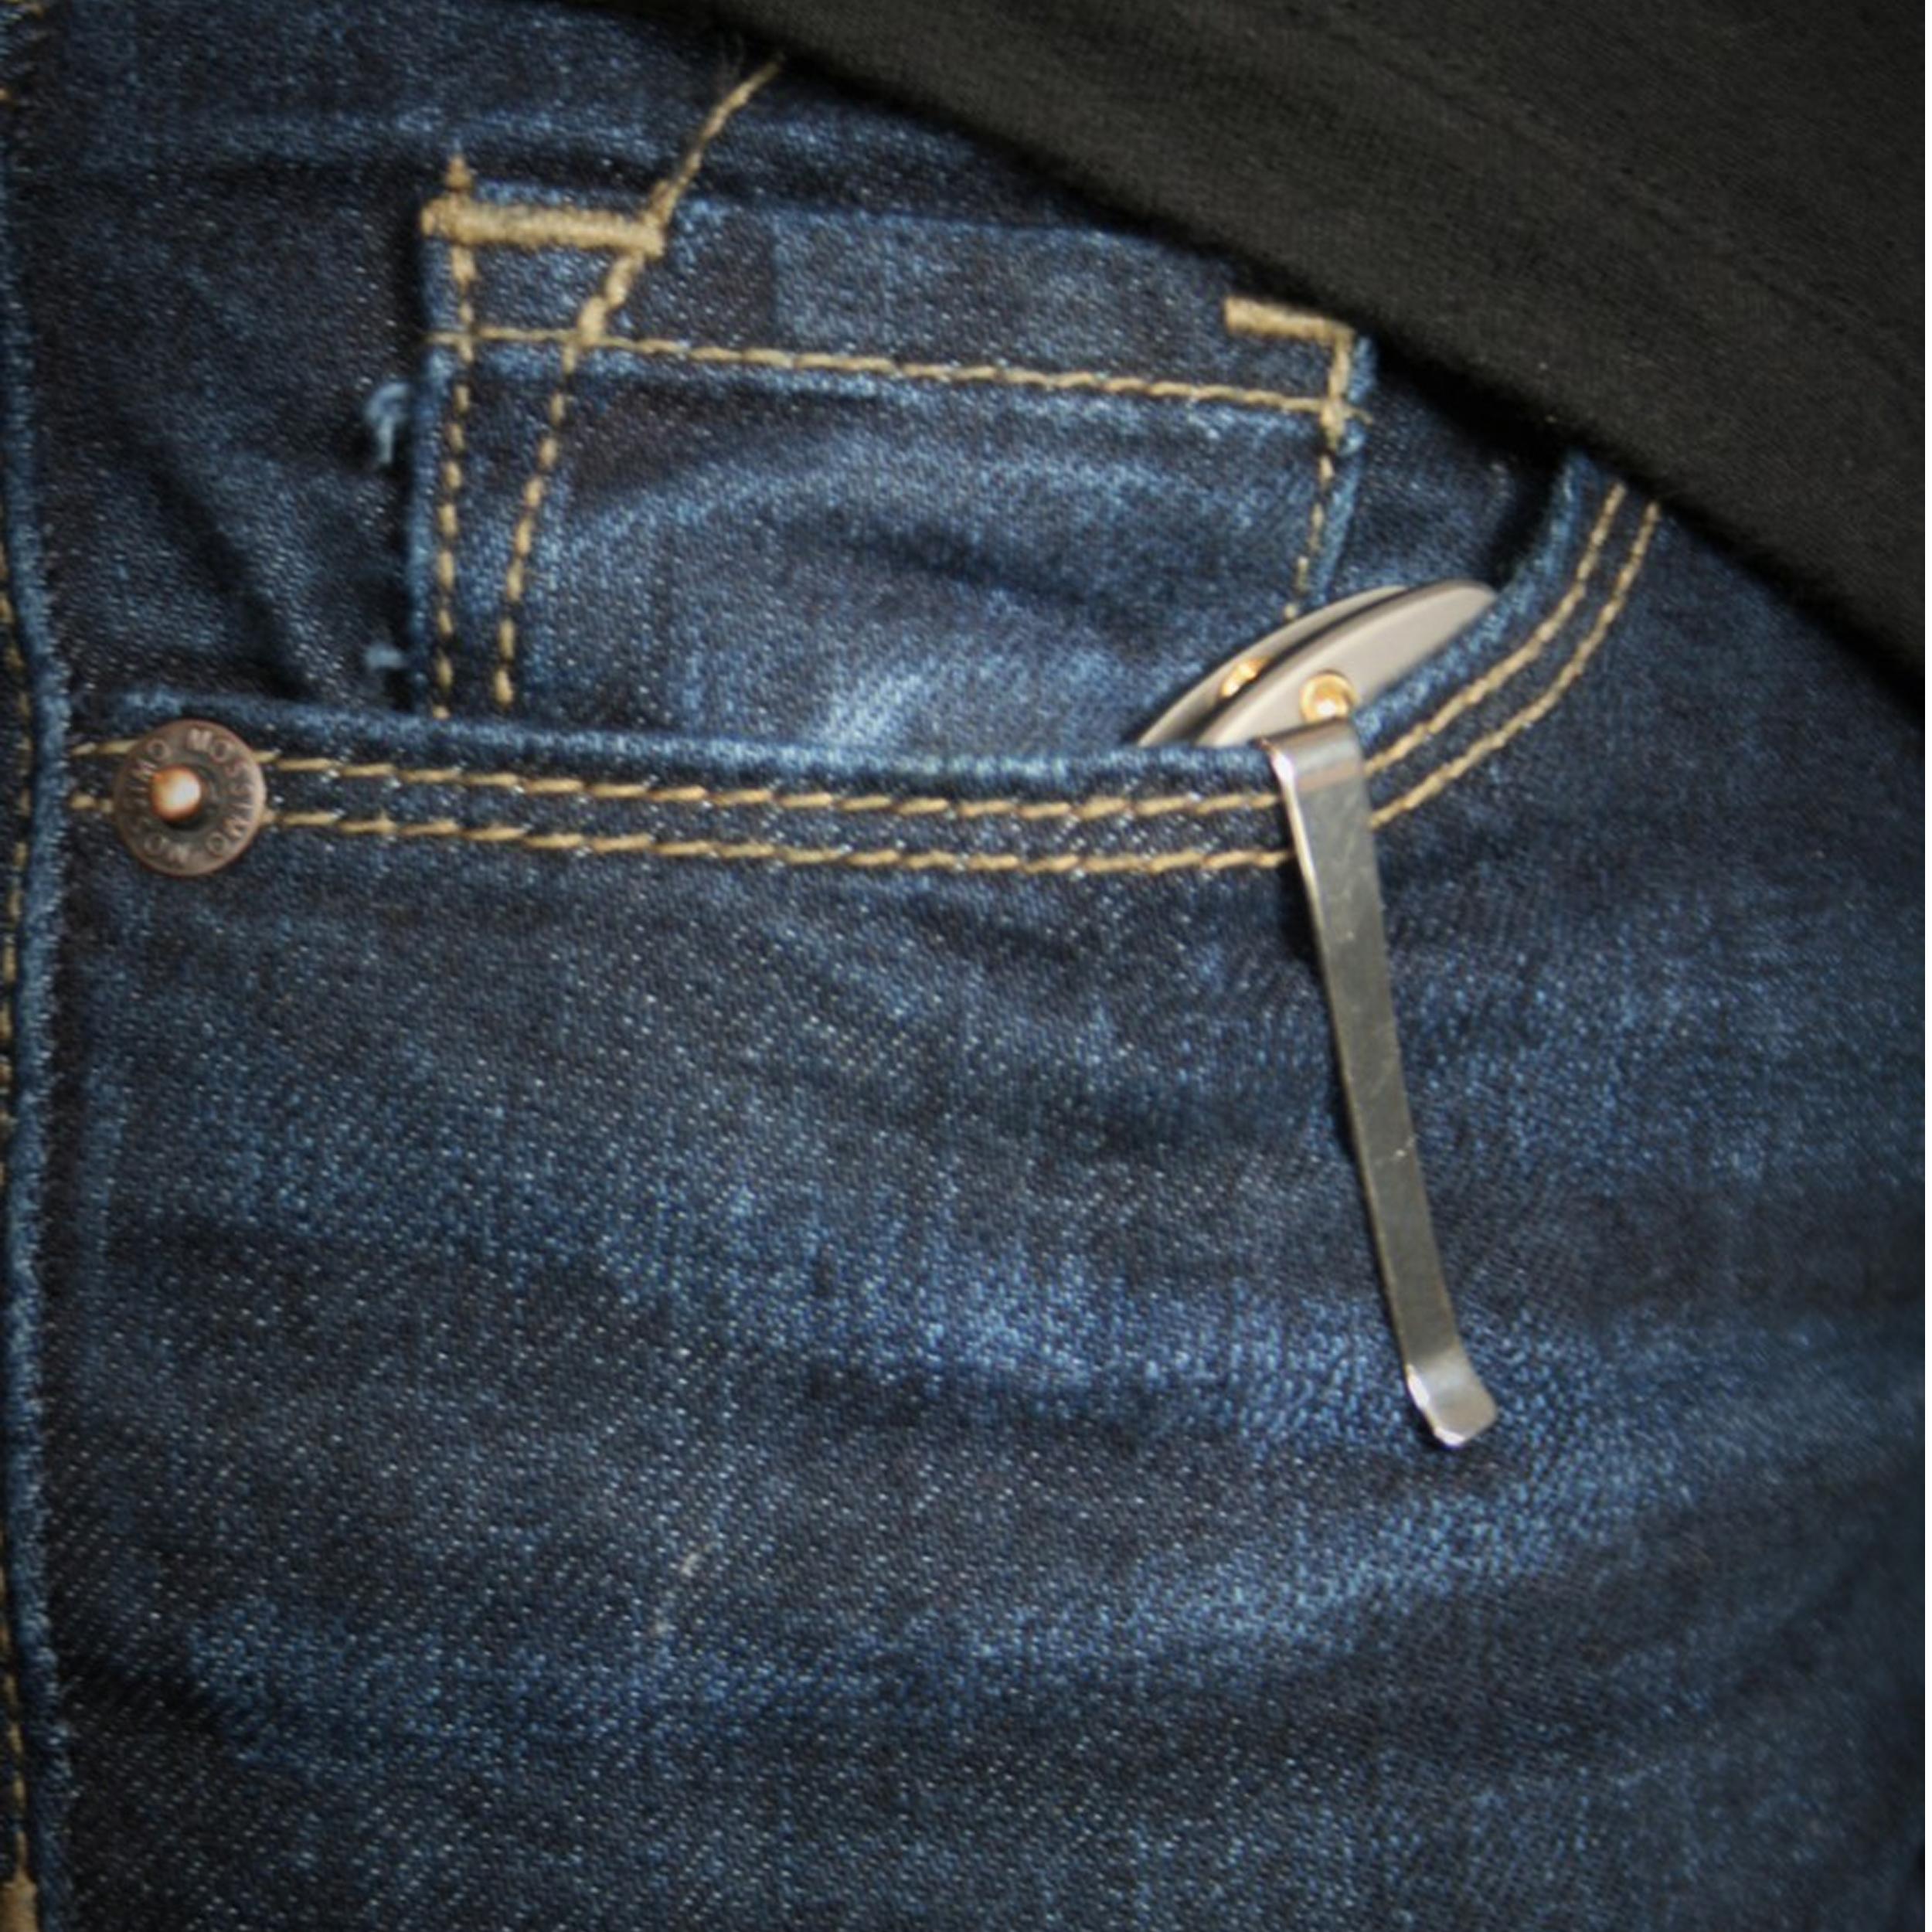 Klecker-Knives-Cordovan-Lite-Folding-Knife-2-88-034-Blade-Stainless-Steel thumbnail 5